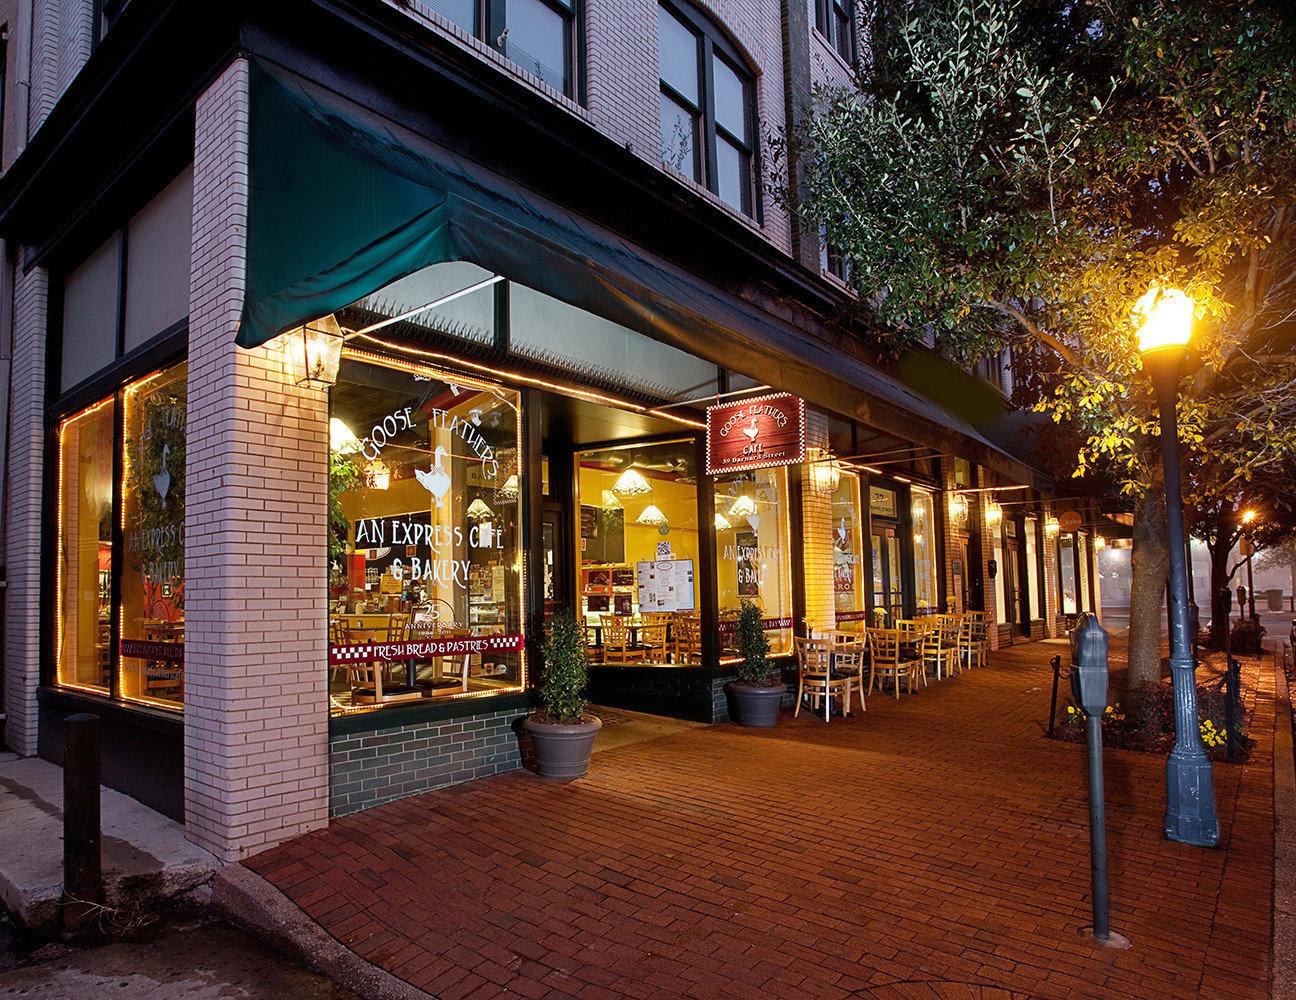 Boutique Hotels Food + Drink Girls Getaways Weekend Getaways building outdoor night Town lighting City evening window facade street way